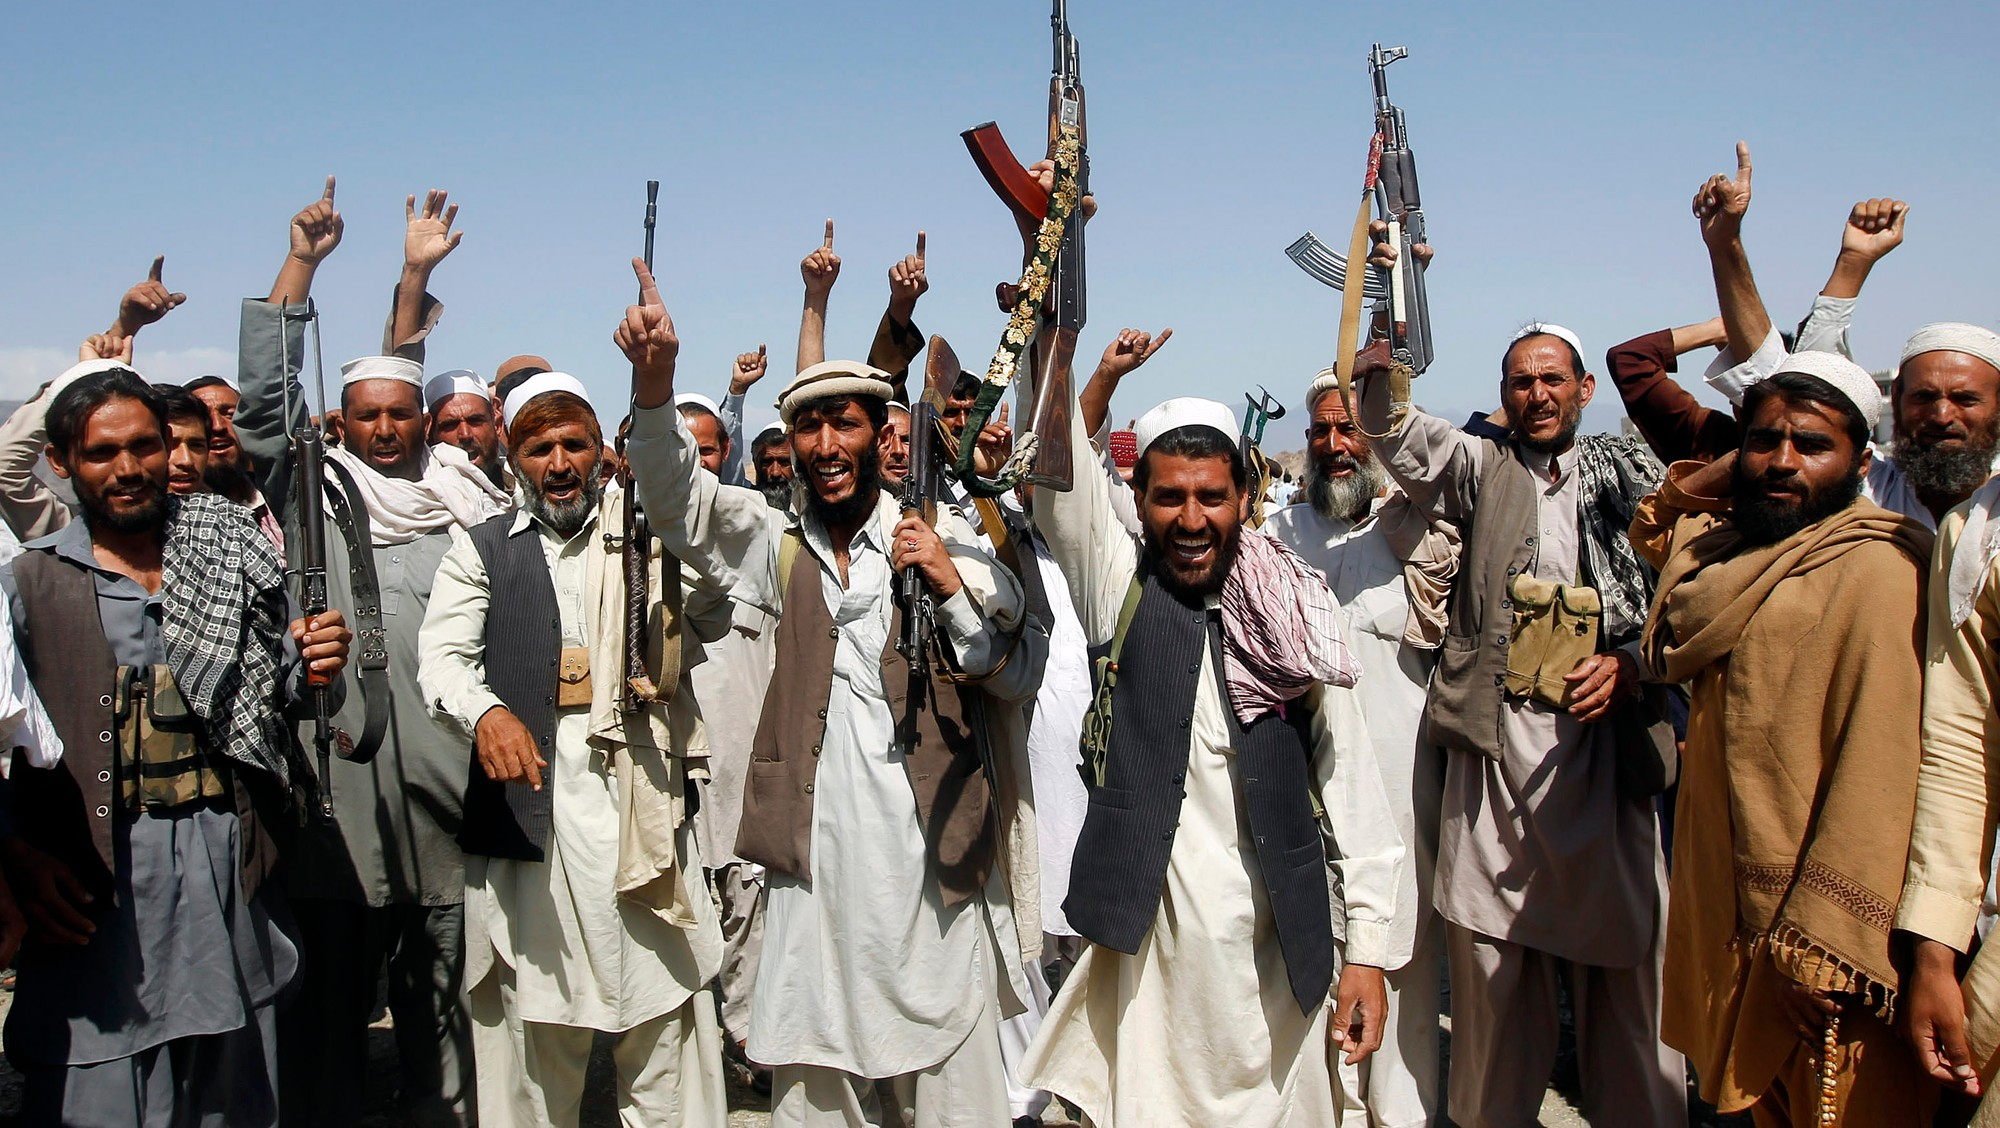 Передача власти в Афганистане произойдёт мирным путём